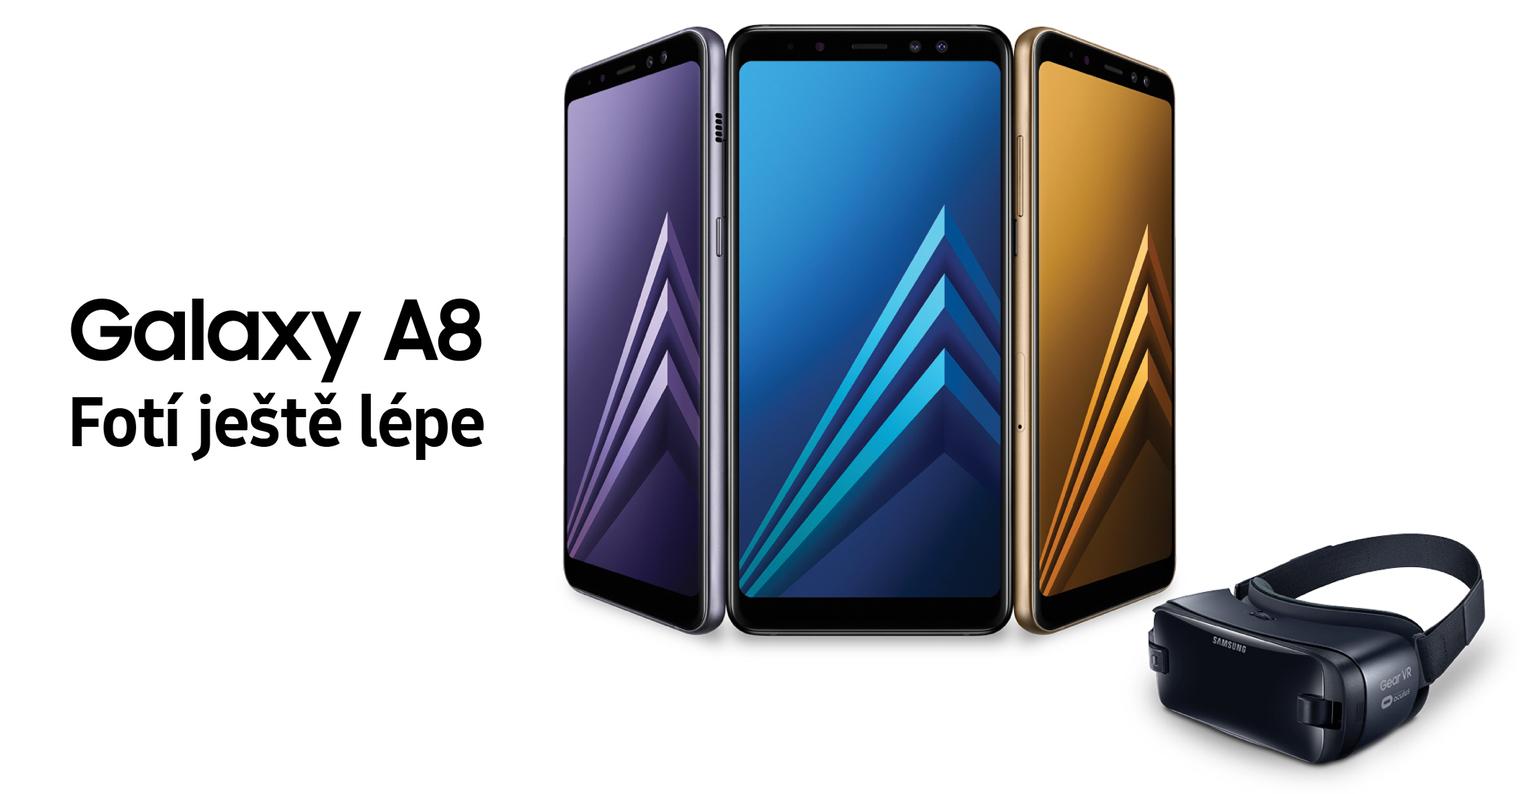 Galaxy A8 Gear VR FB